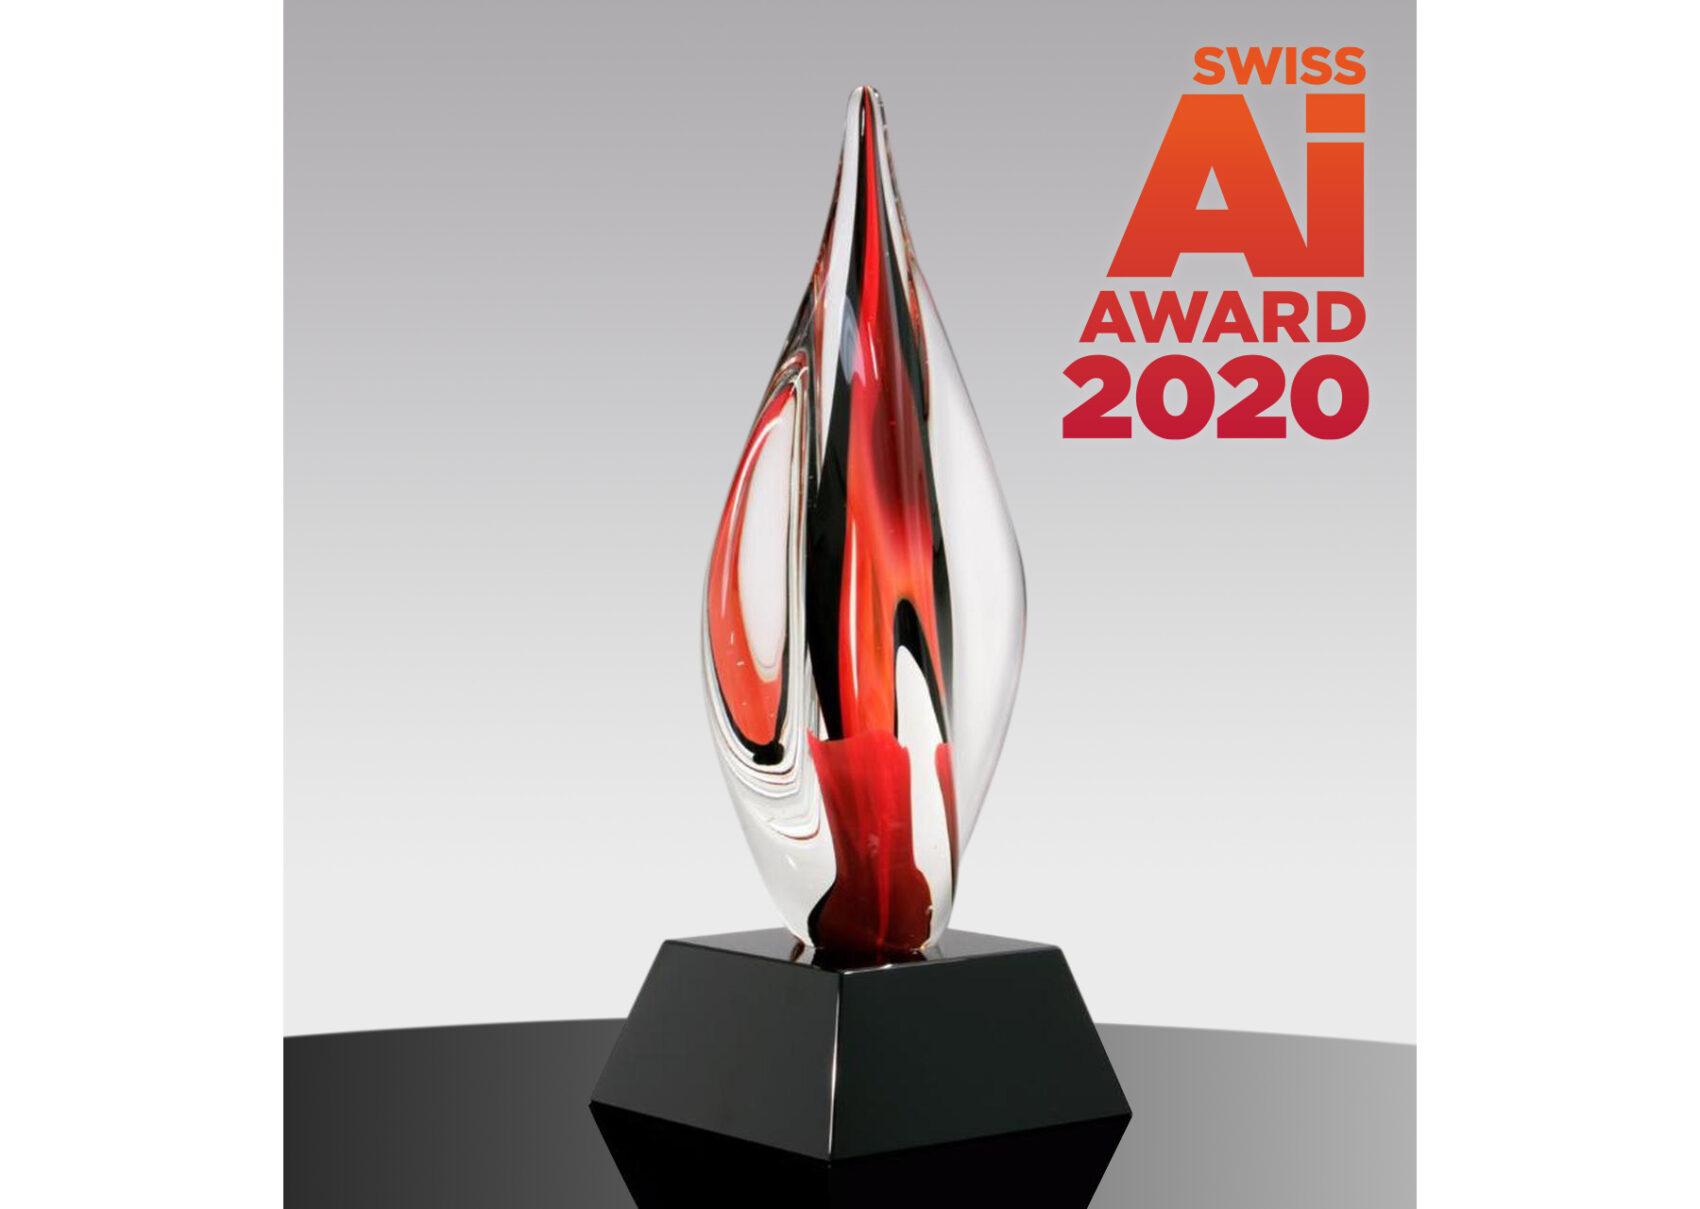 Swiss AI Award